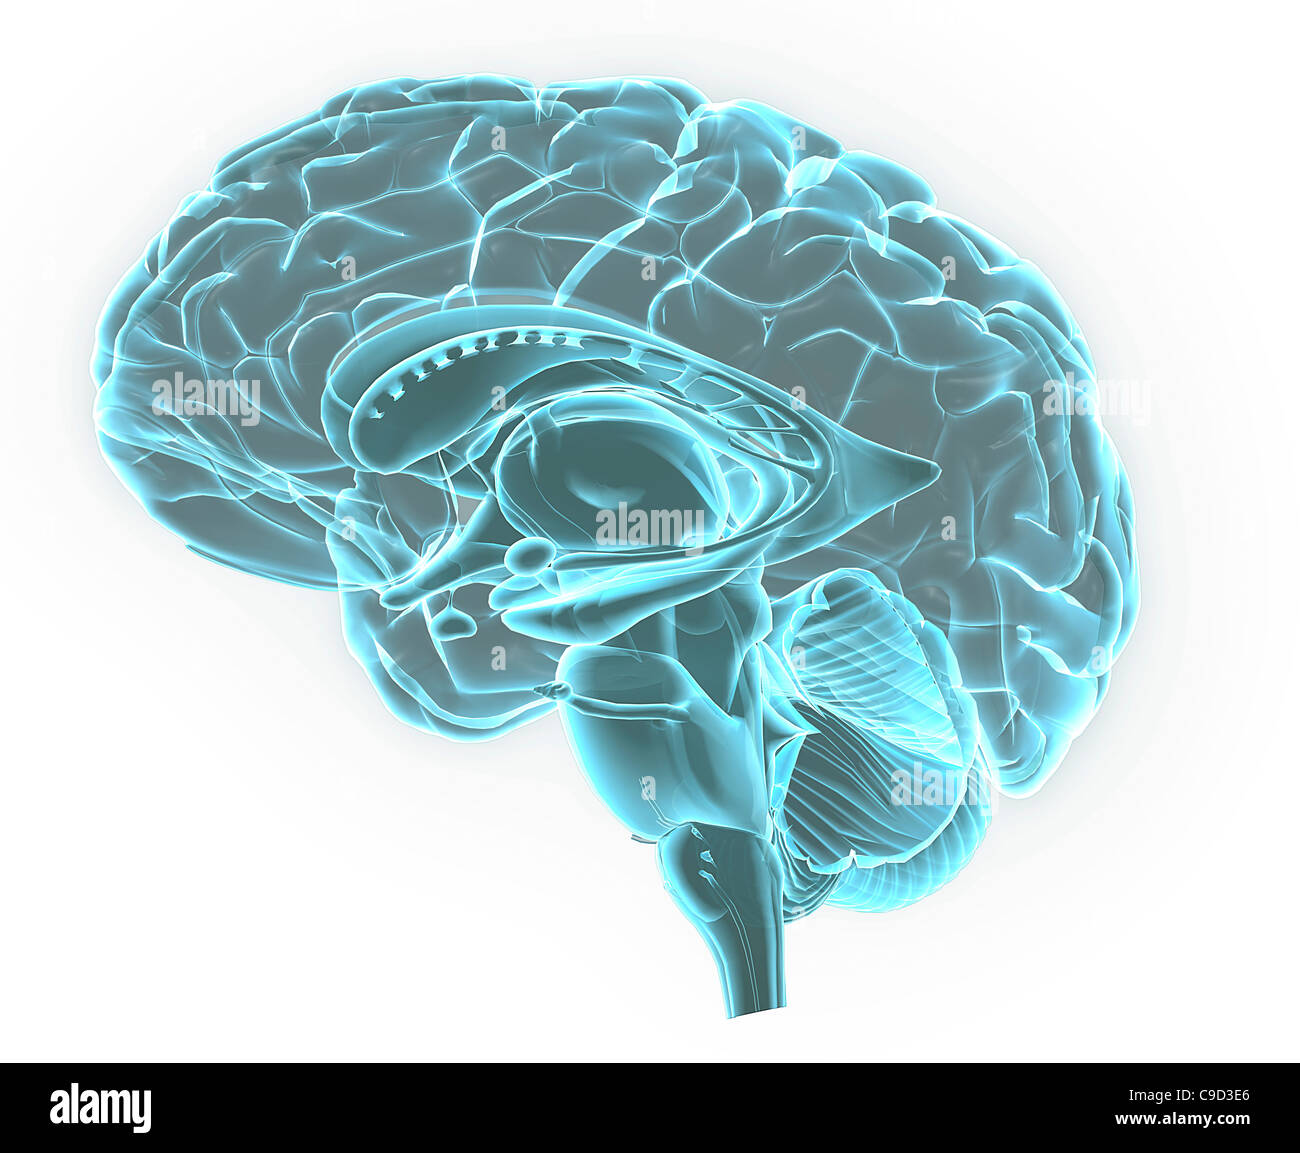 Azul de la imagen de rayos X de la anatomía del cerebro humano, 3-D ...